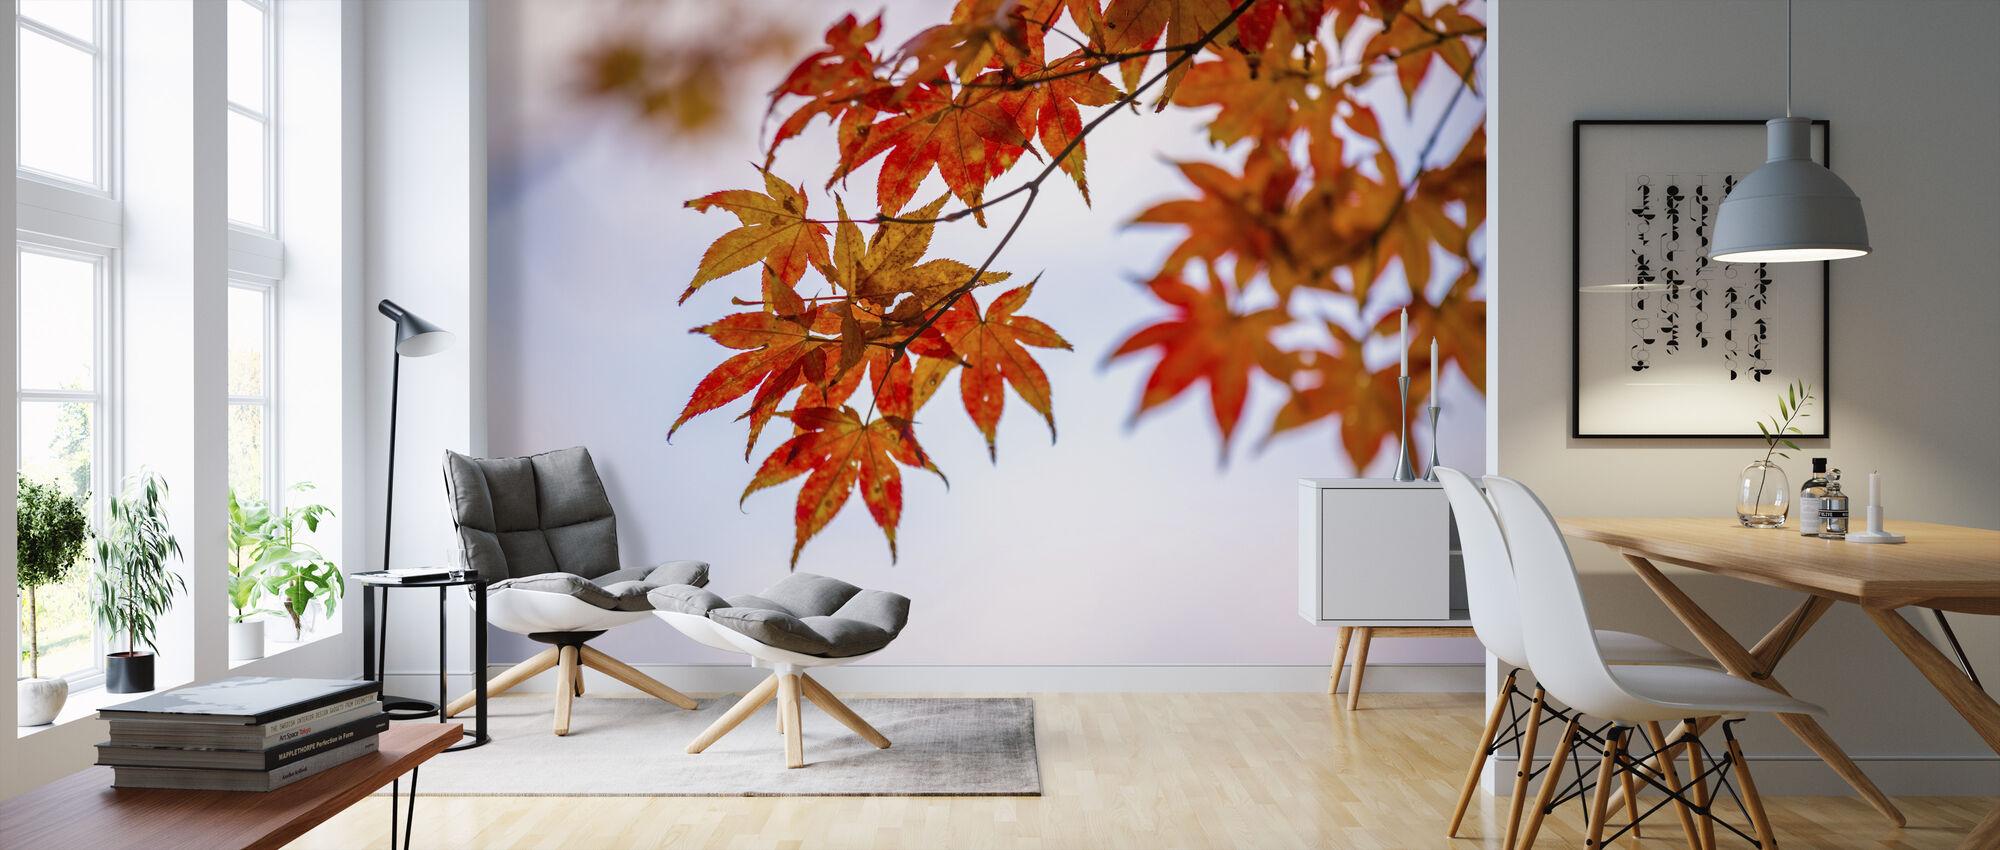 Maple Autumn Leaves - Wallpaper - Living Room